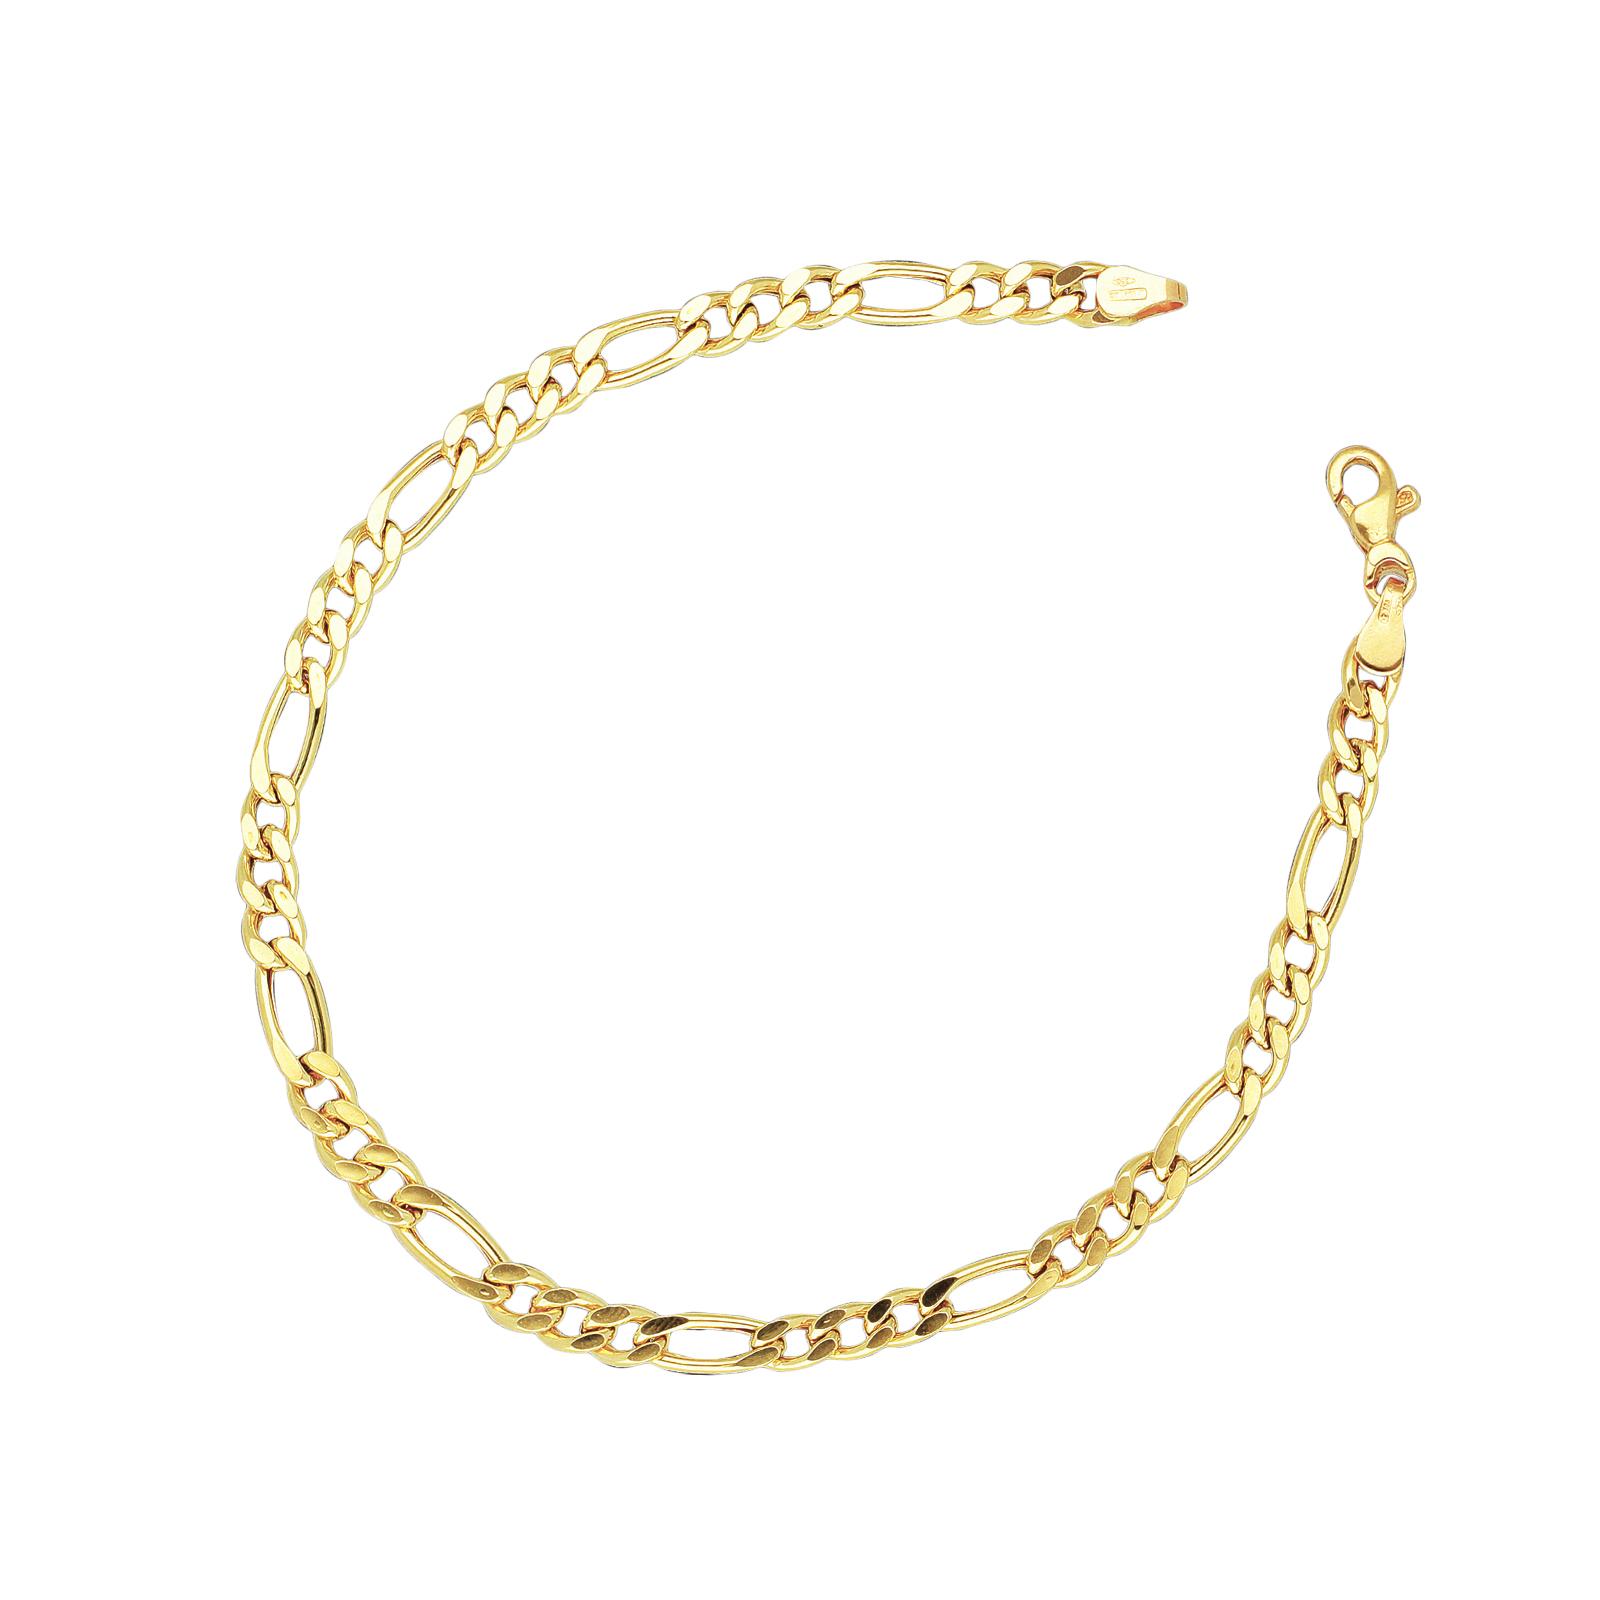 Bracciale in Oro Giallo 18kt a maglia groumette piatta alternata